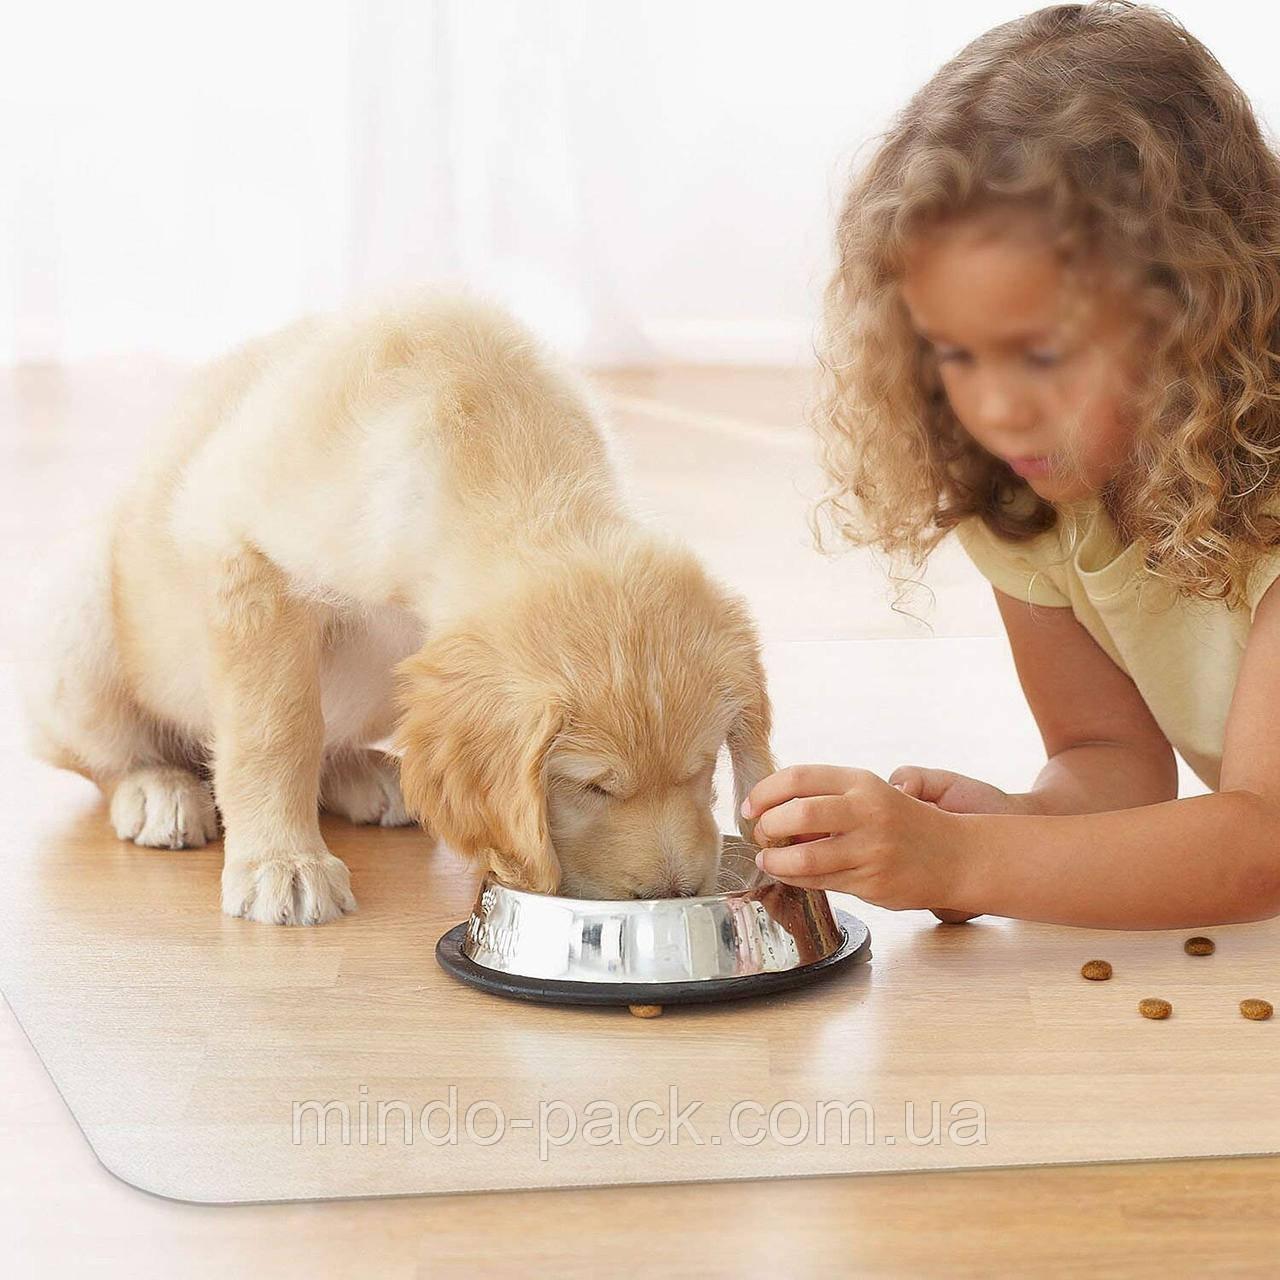 Коврик под миску для кошек и собак. Не скользит. Прозрачный.